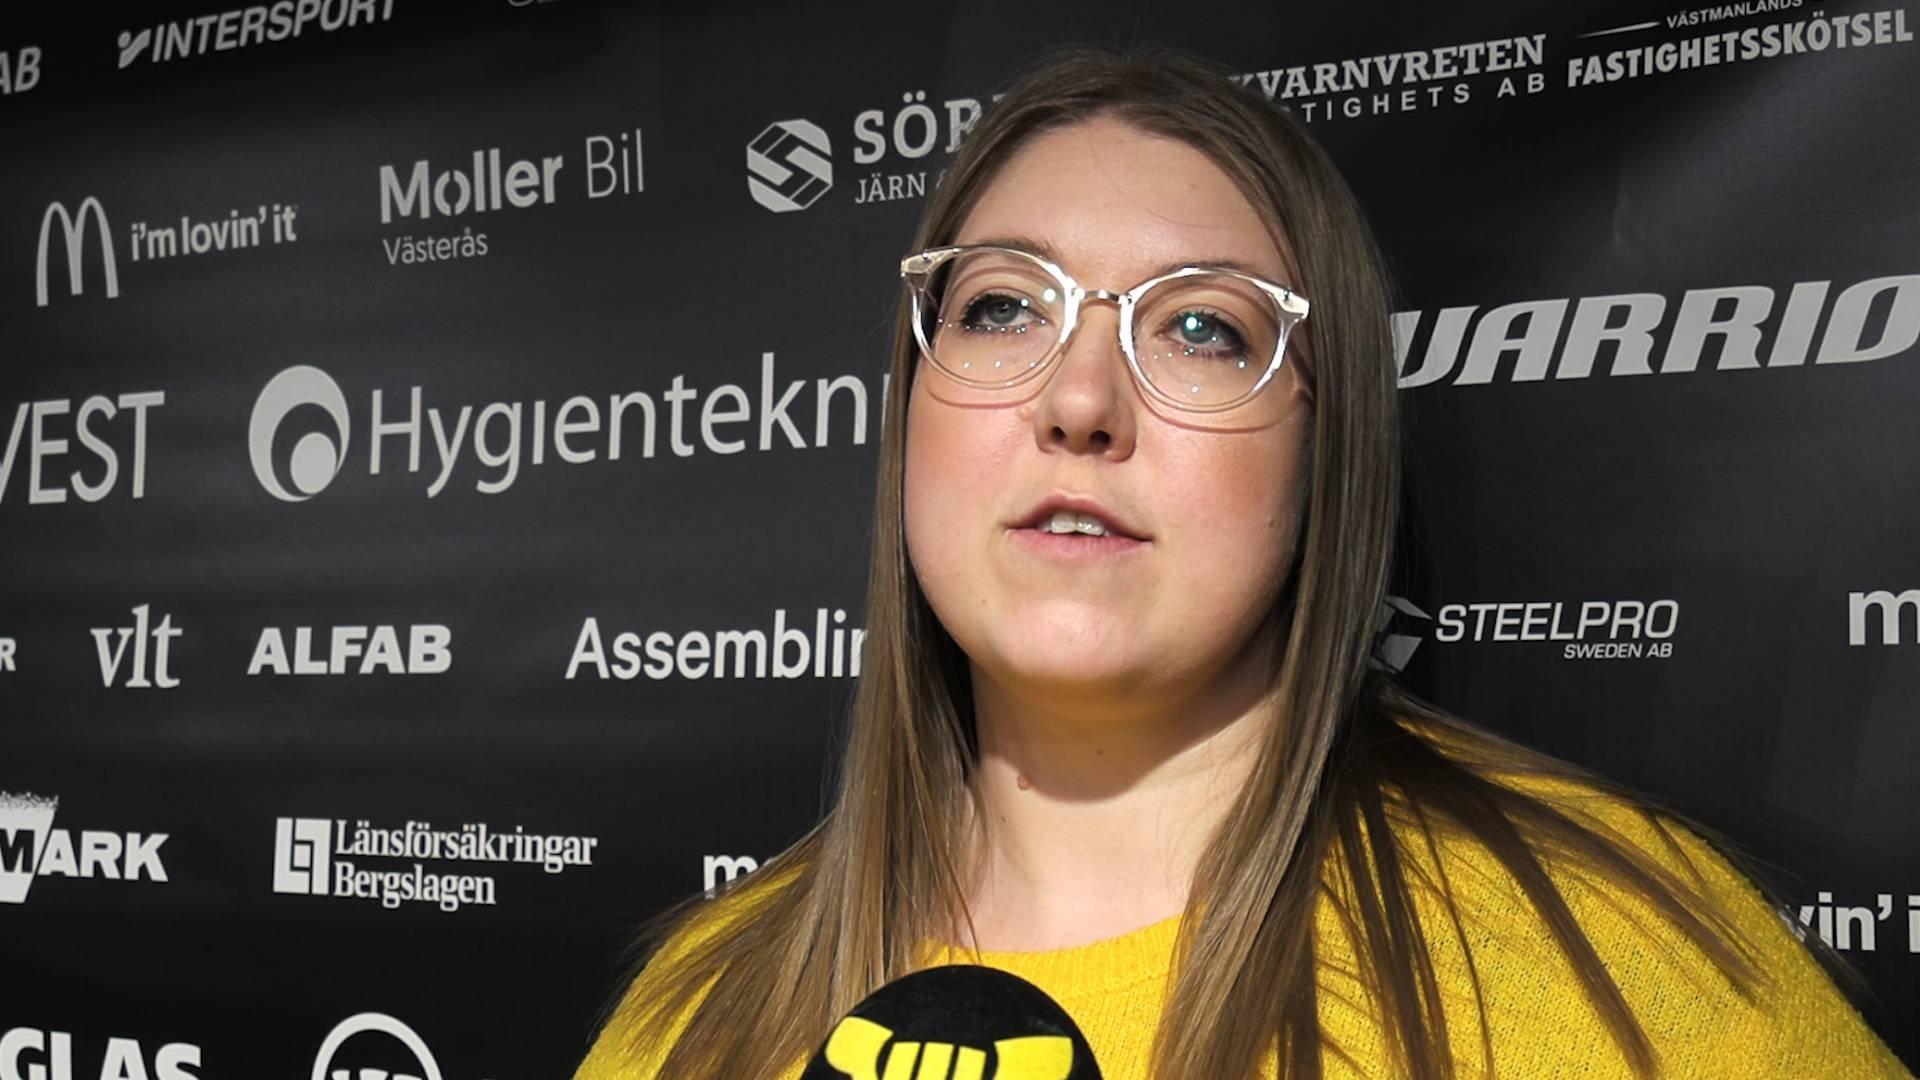 Vi som är Gulsvart - Möt Emma Eriksson